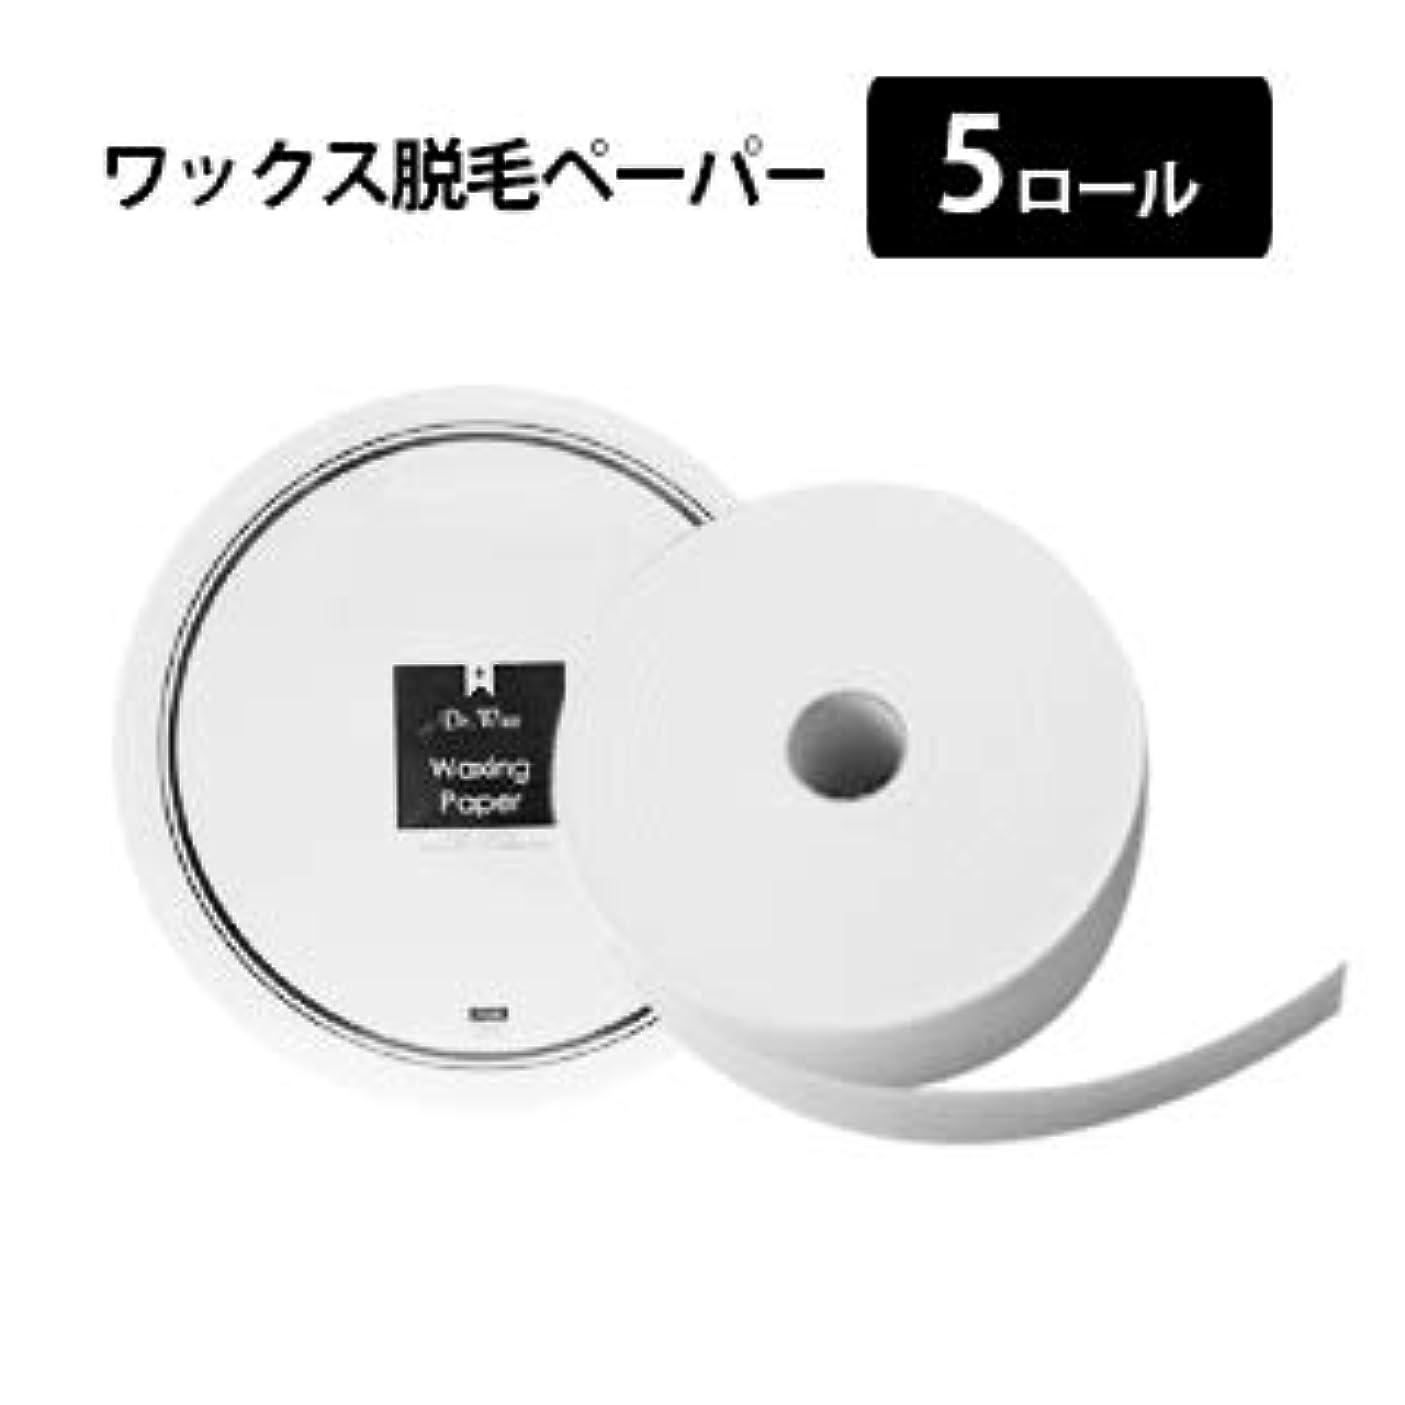 歯科の強化する不完全な【5ロール】ワックスロールペーパー 7cm スパンレース素材